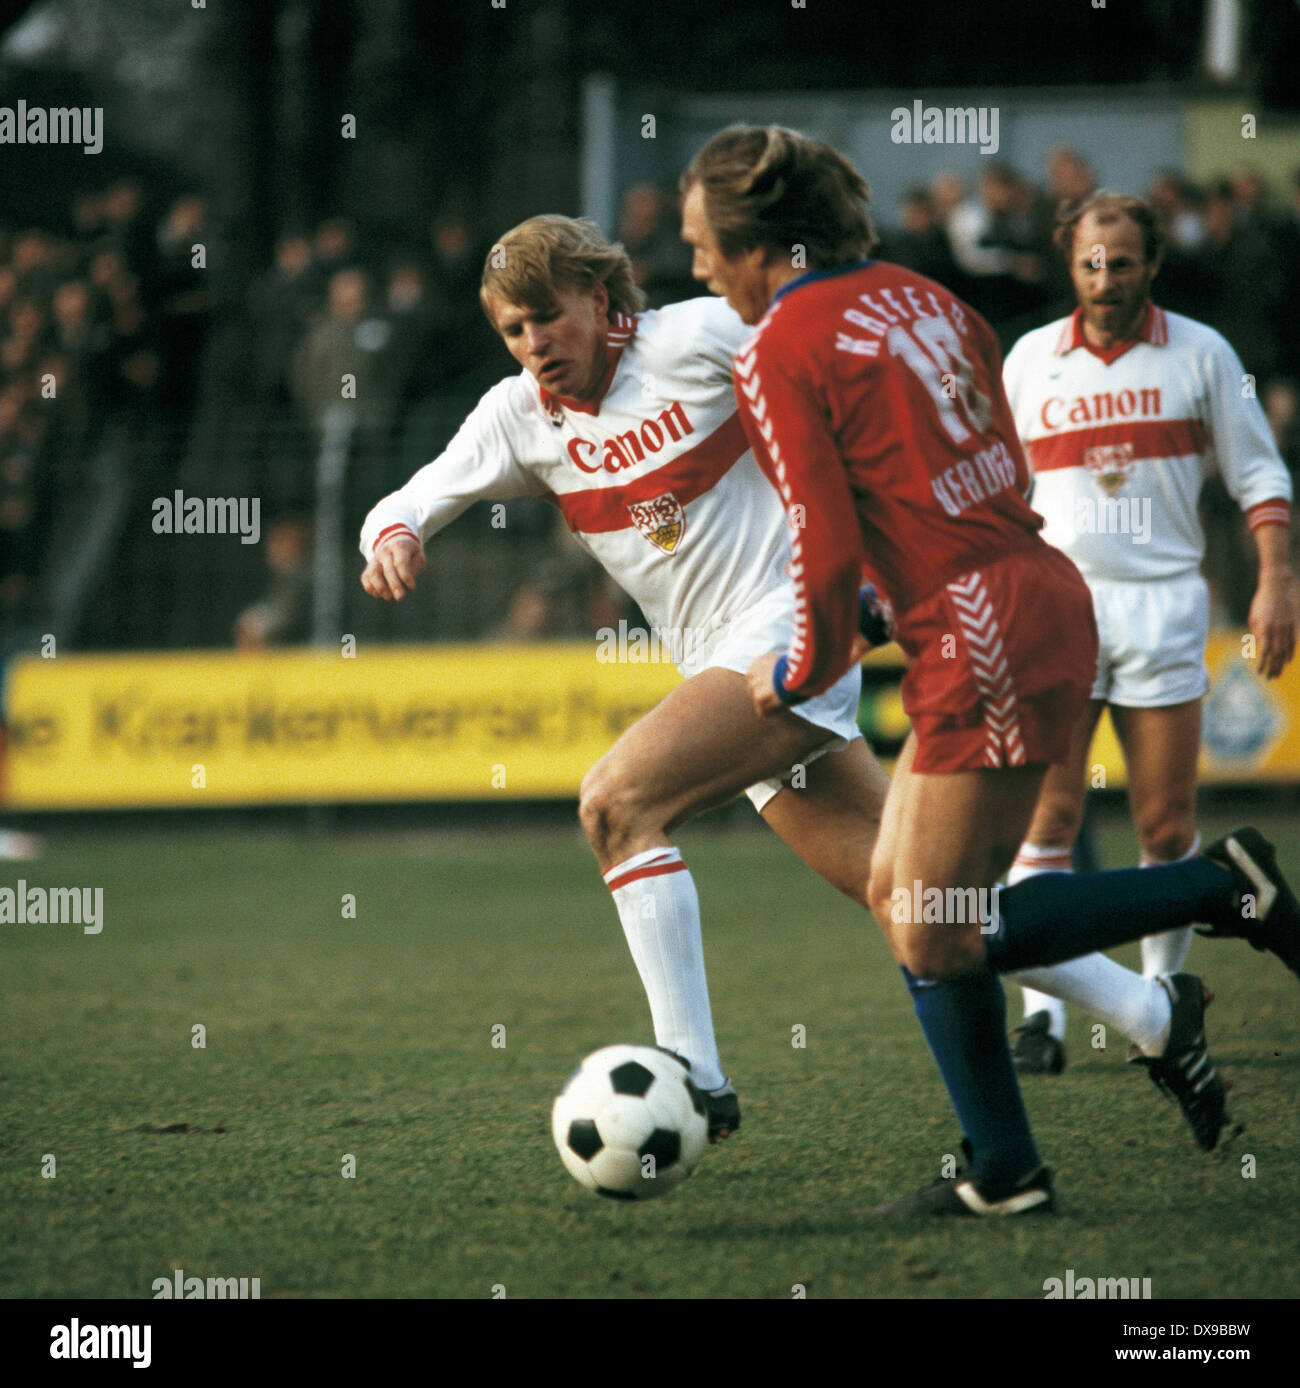 football, Bundesliga, 1979/1980, Grotenburg Stadium, FC Bayer 05 Uerdingen versus VfB Stuttgart 4:2, scene of the match, Siegfried Held (Uerdingen) in ball possession, left Bernd Foerster (Stuttgart) - Stock Image